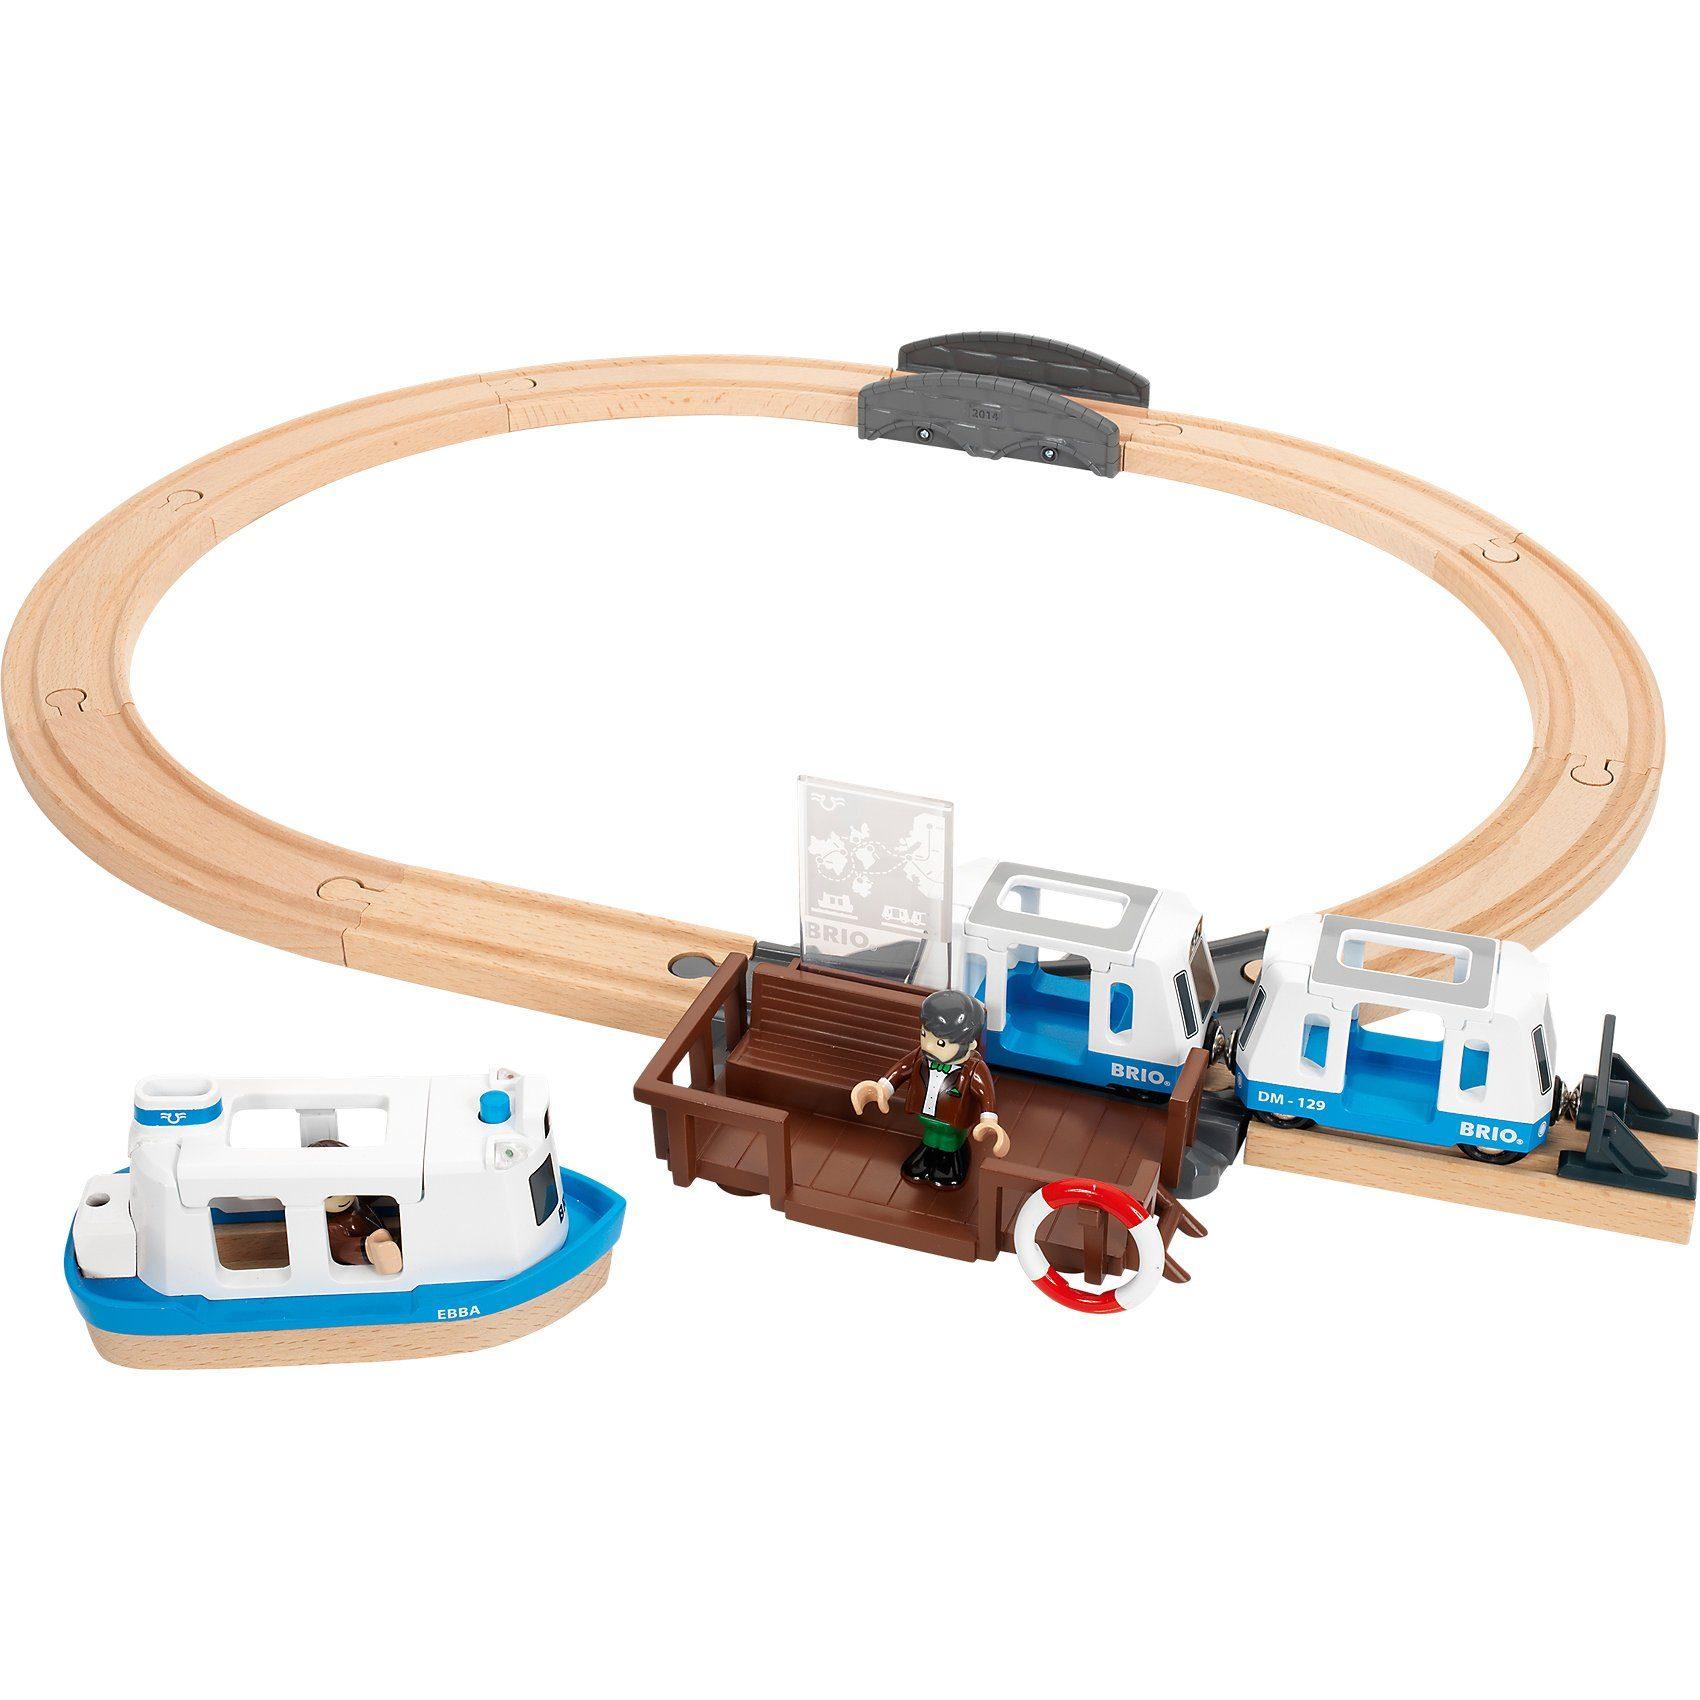 BRIO Passagierfähre-Set